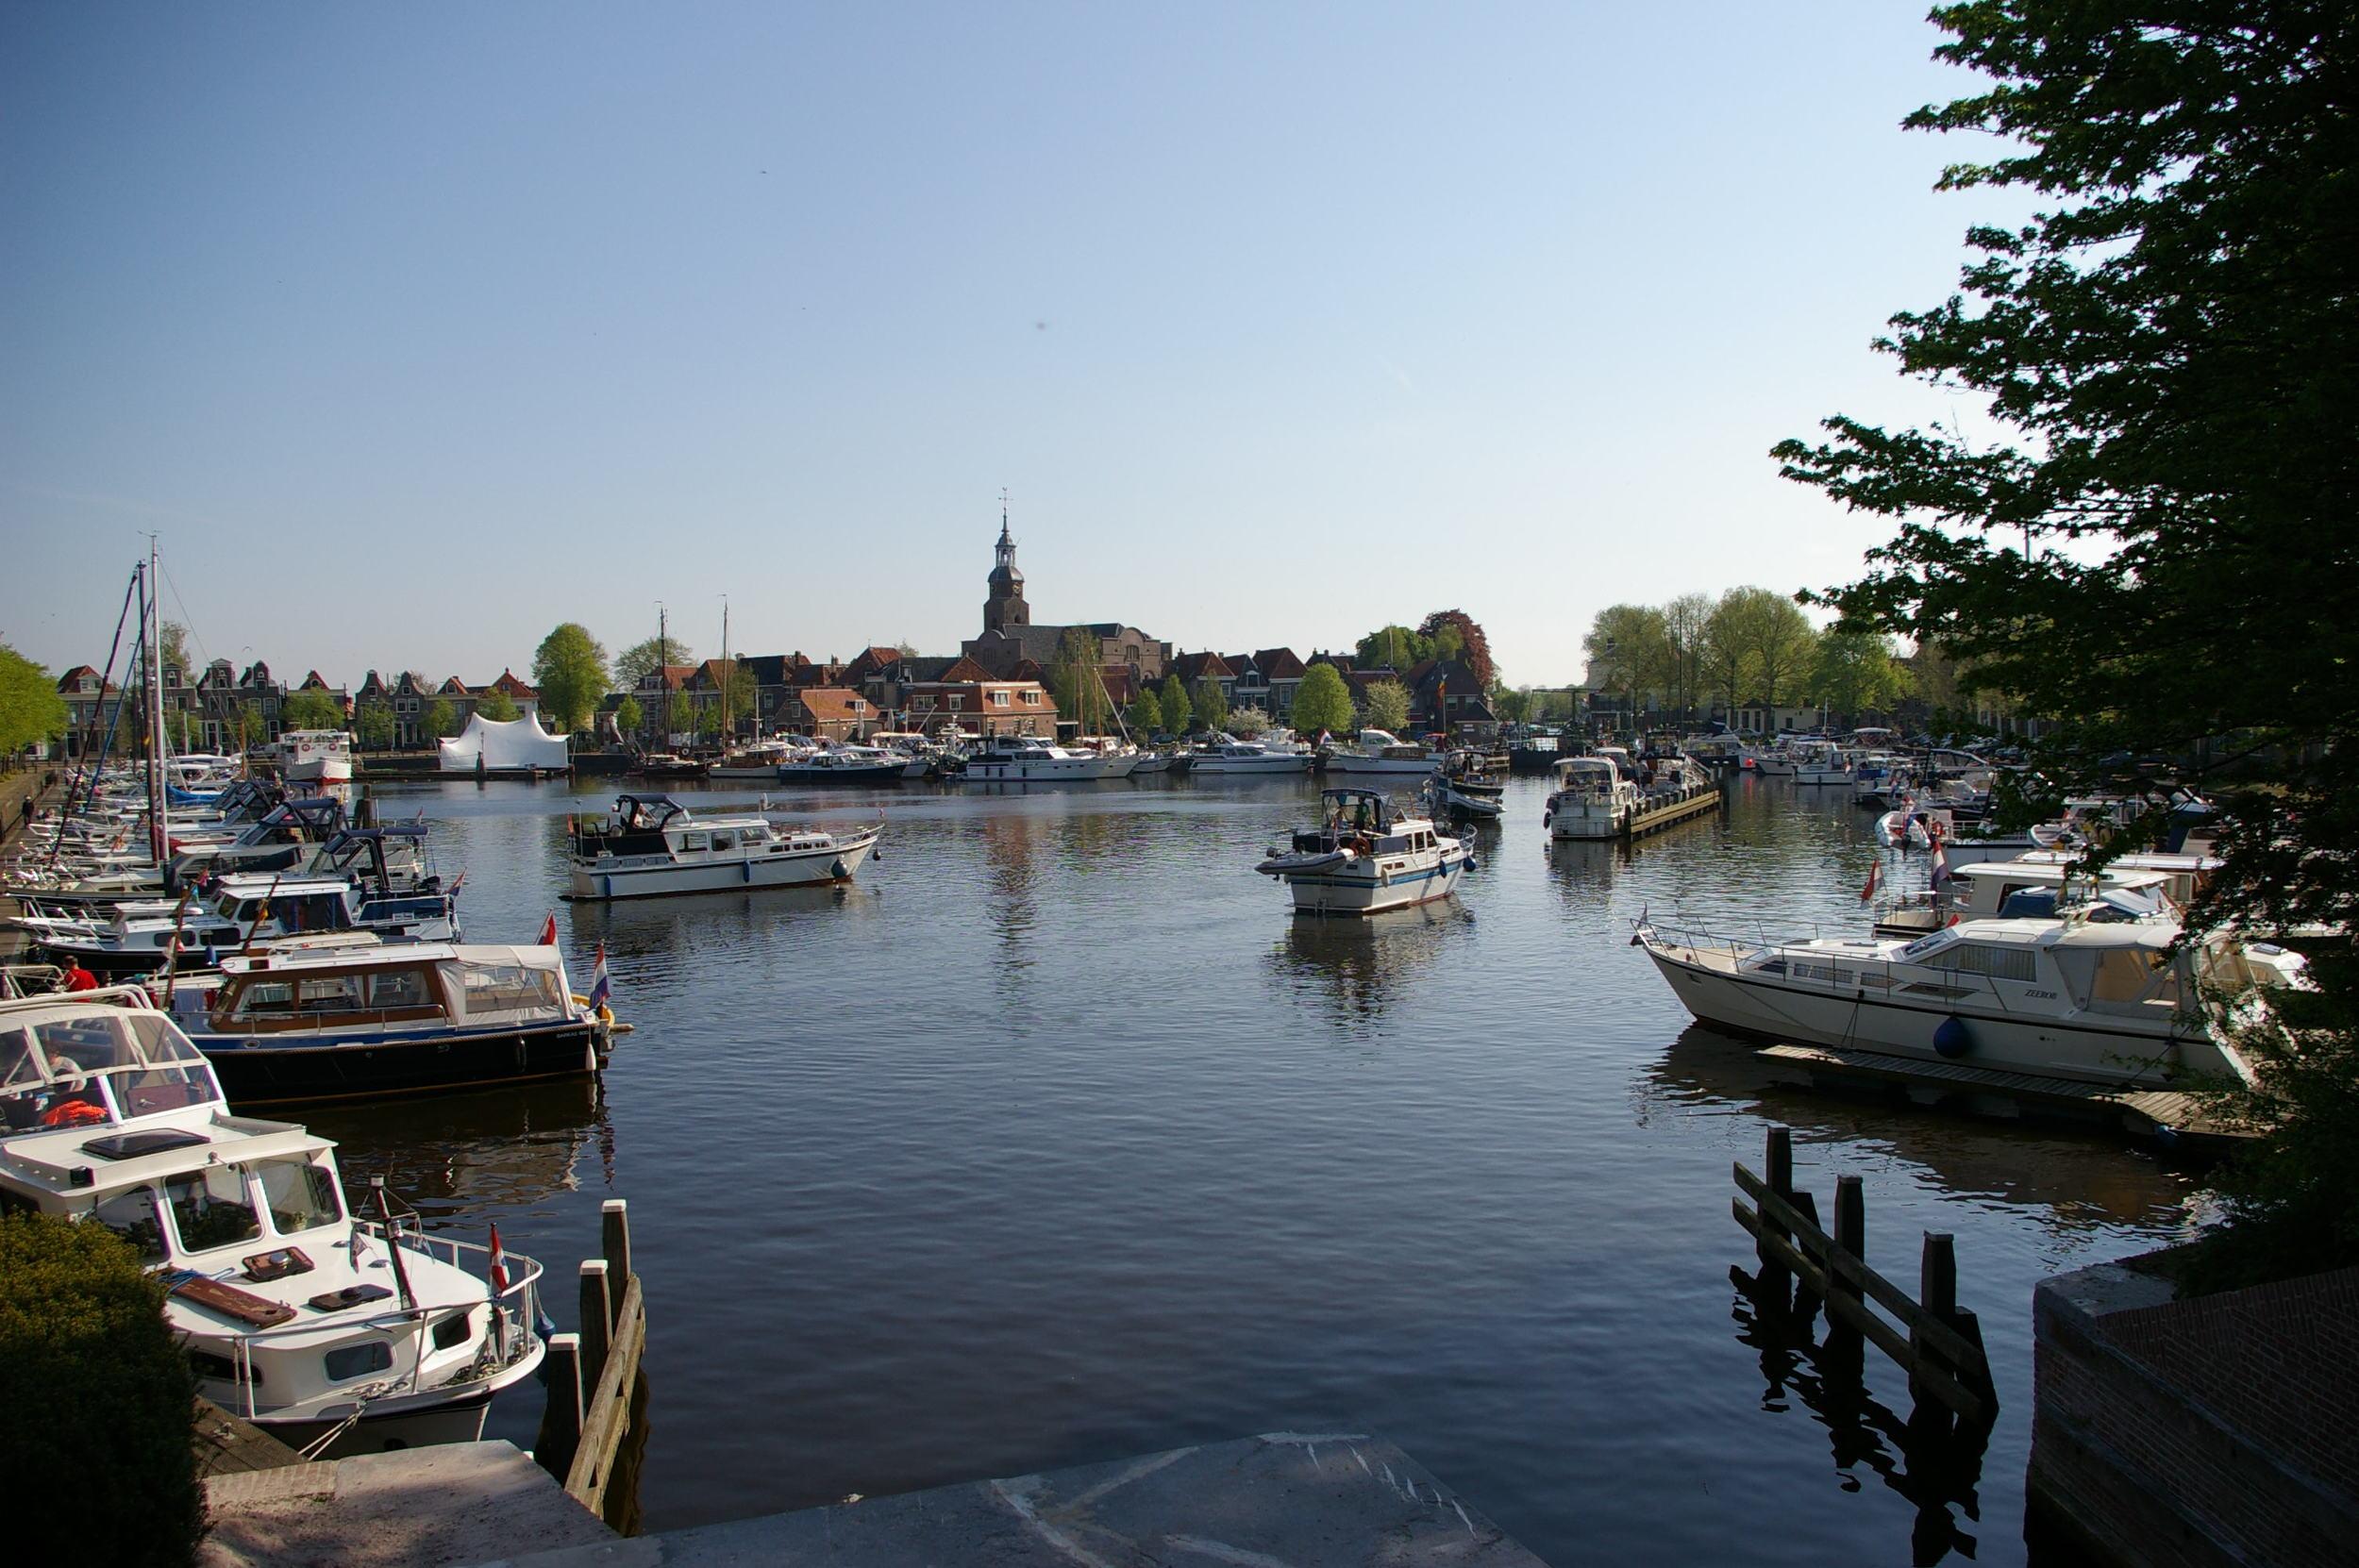 Blokzijl_harbour.jpg